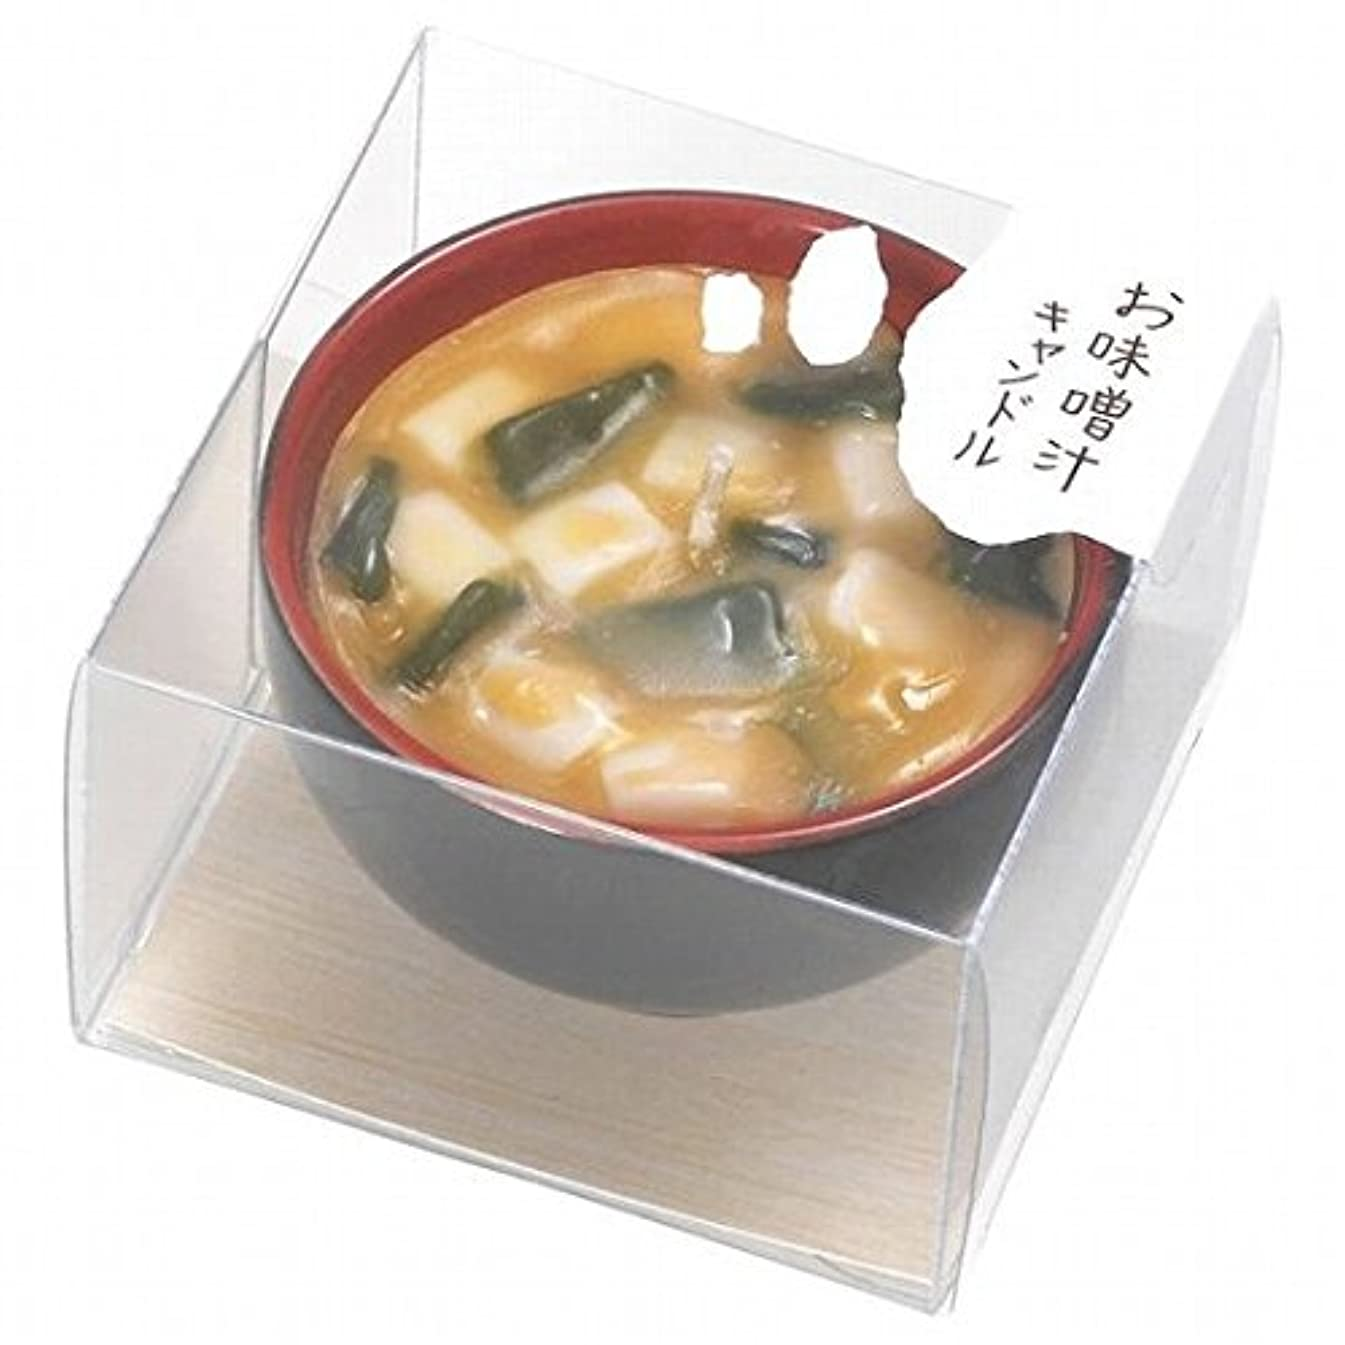 海岸太陽逸脱kameyama candle(カメヤマキャンドル) お味噌汁キャンドル(86950000)